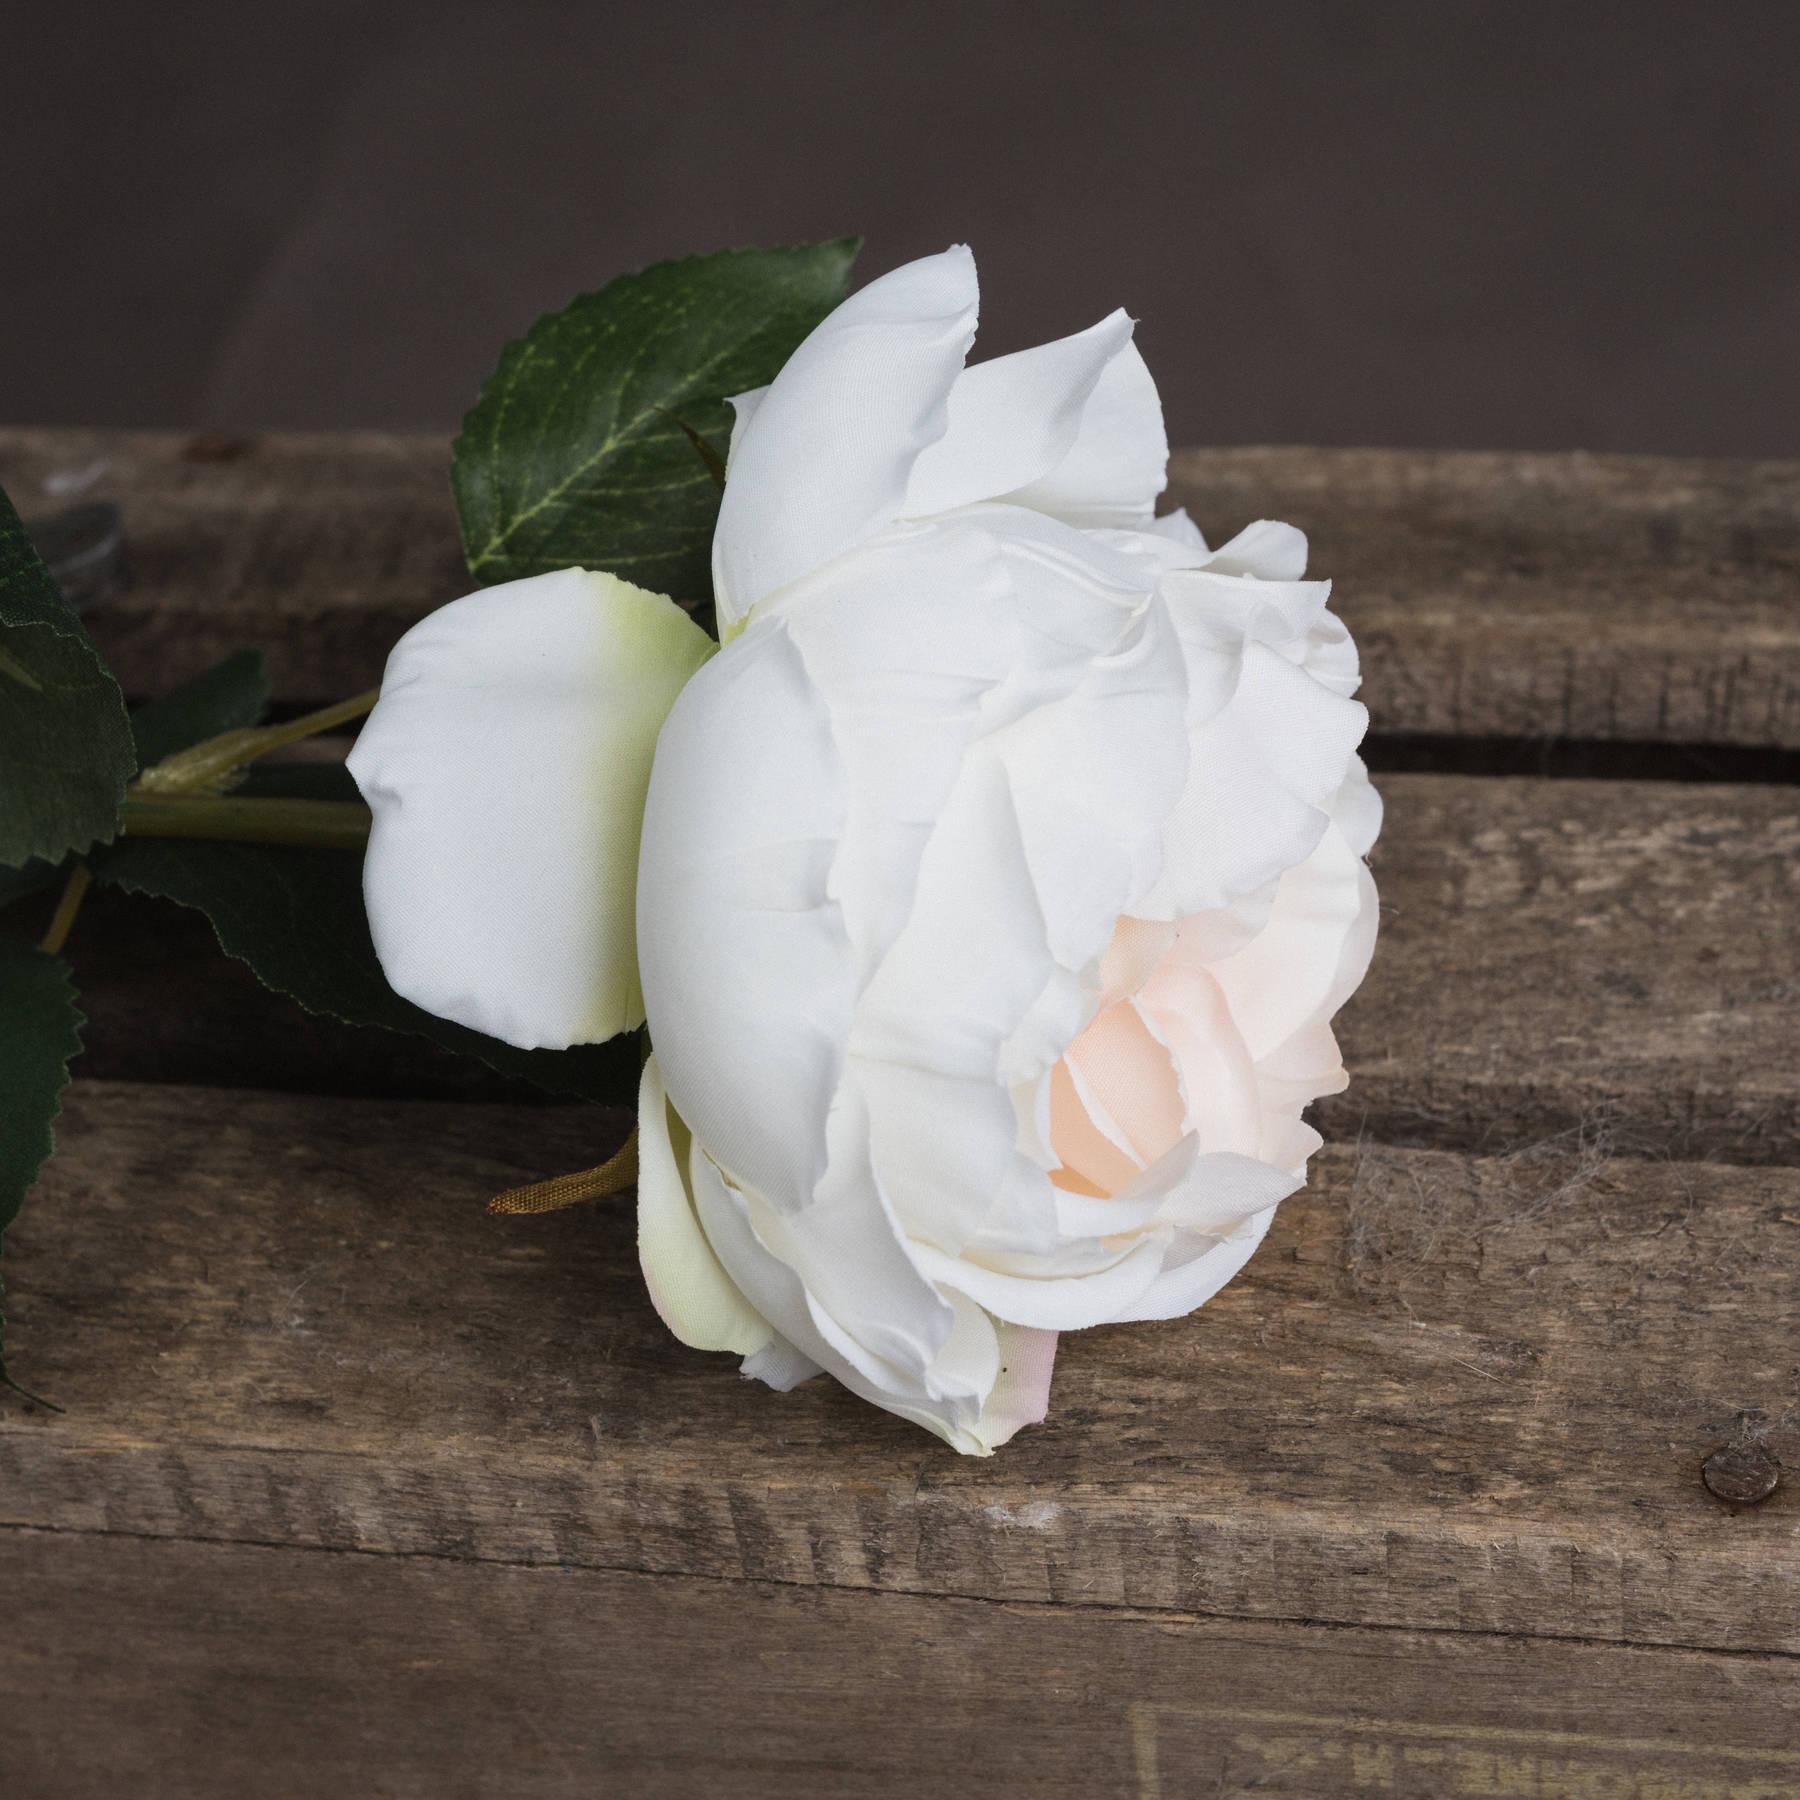 Blush Garden Rose - Image 3